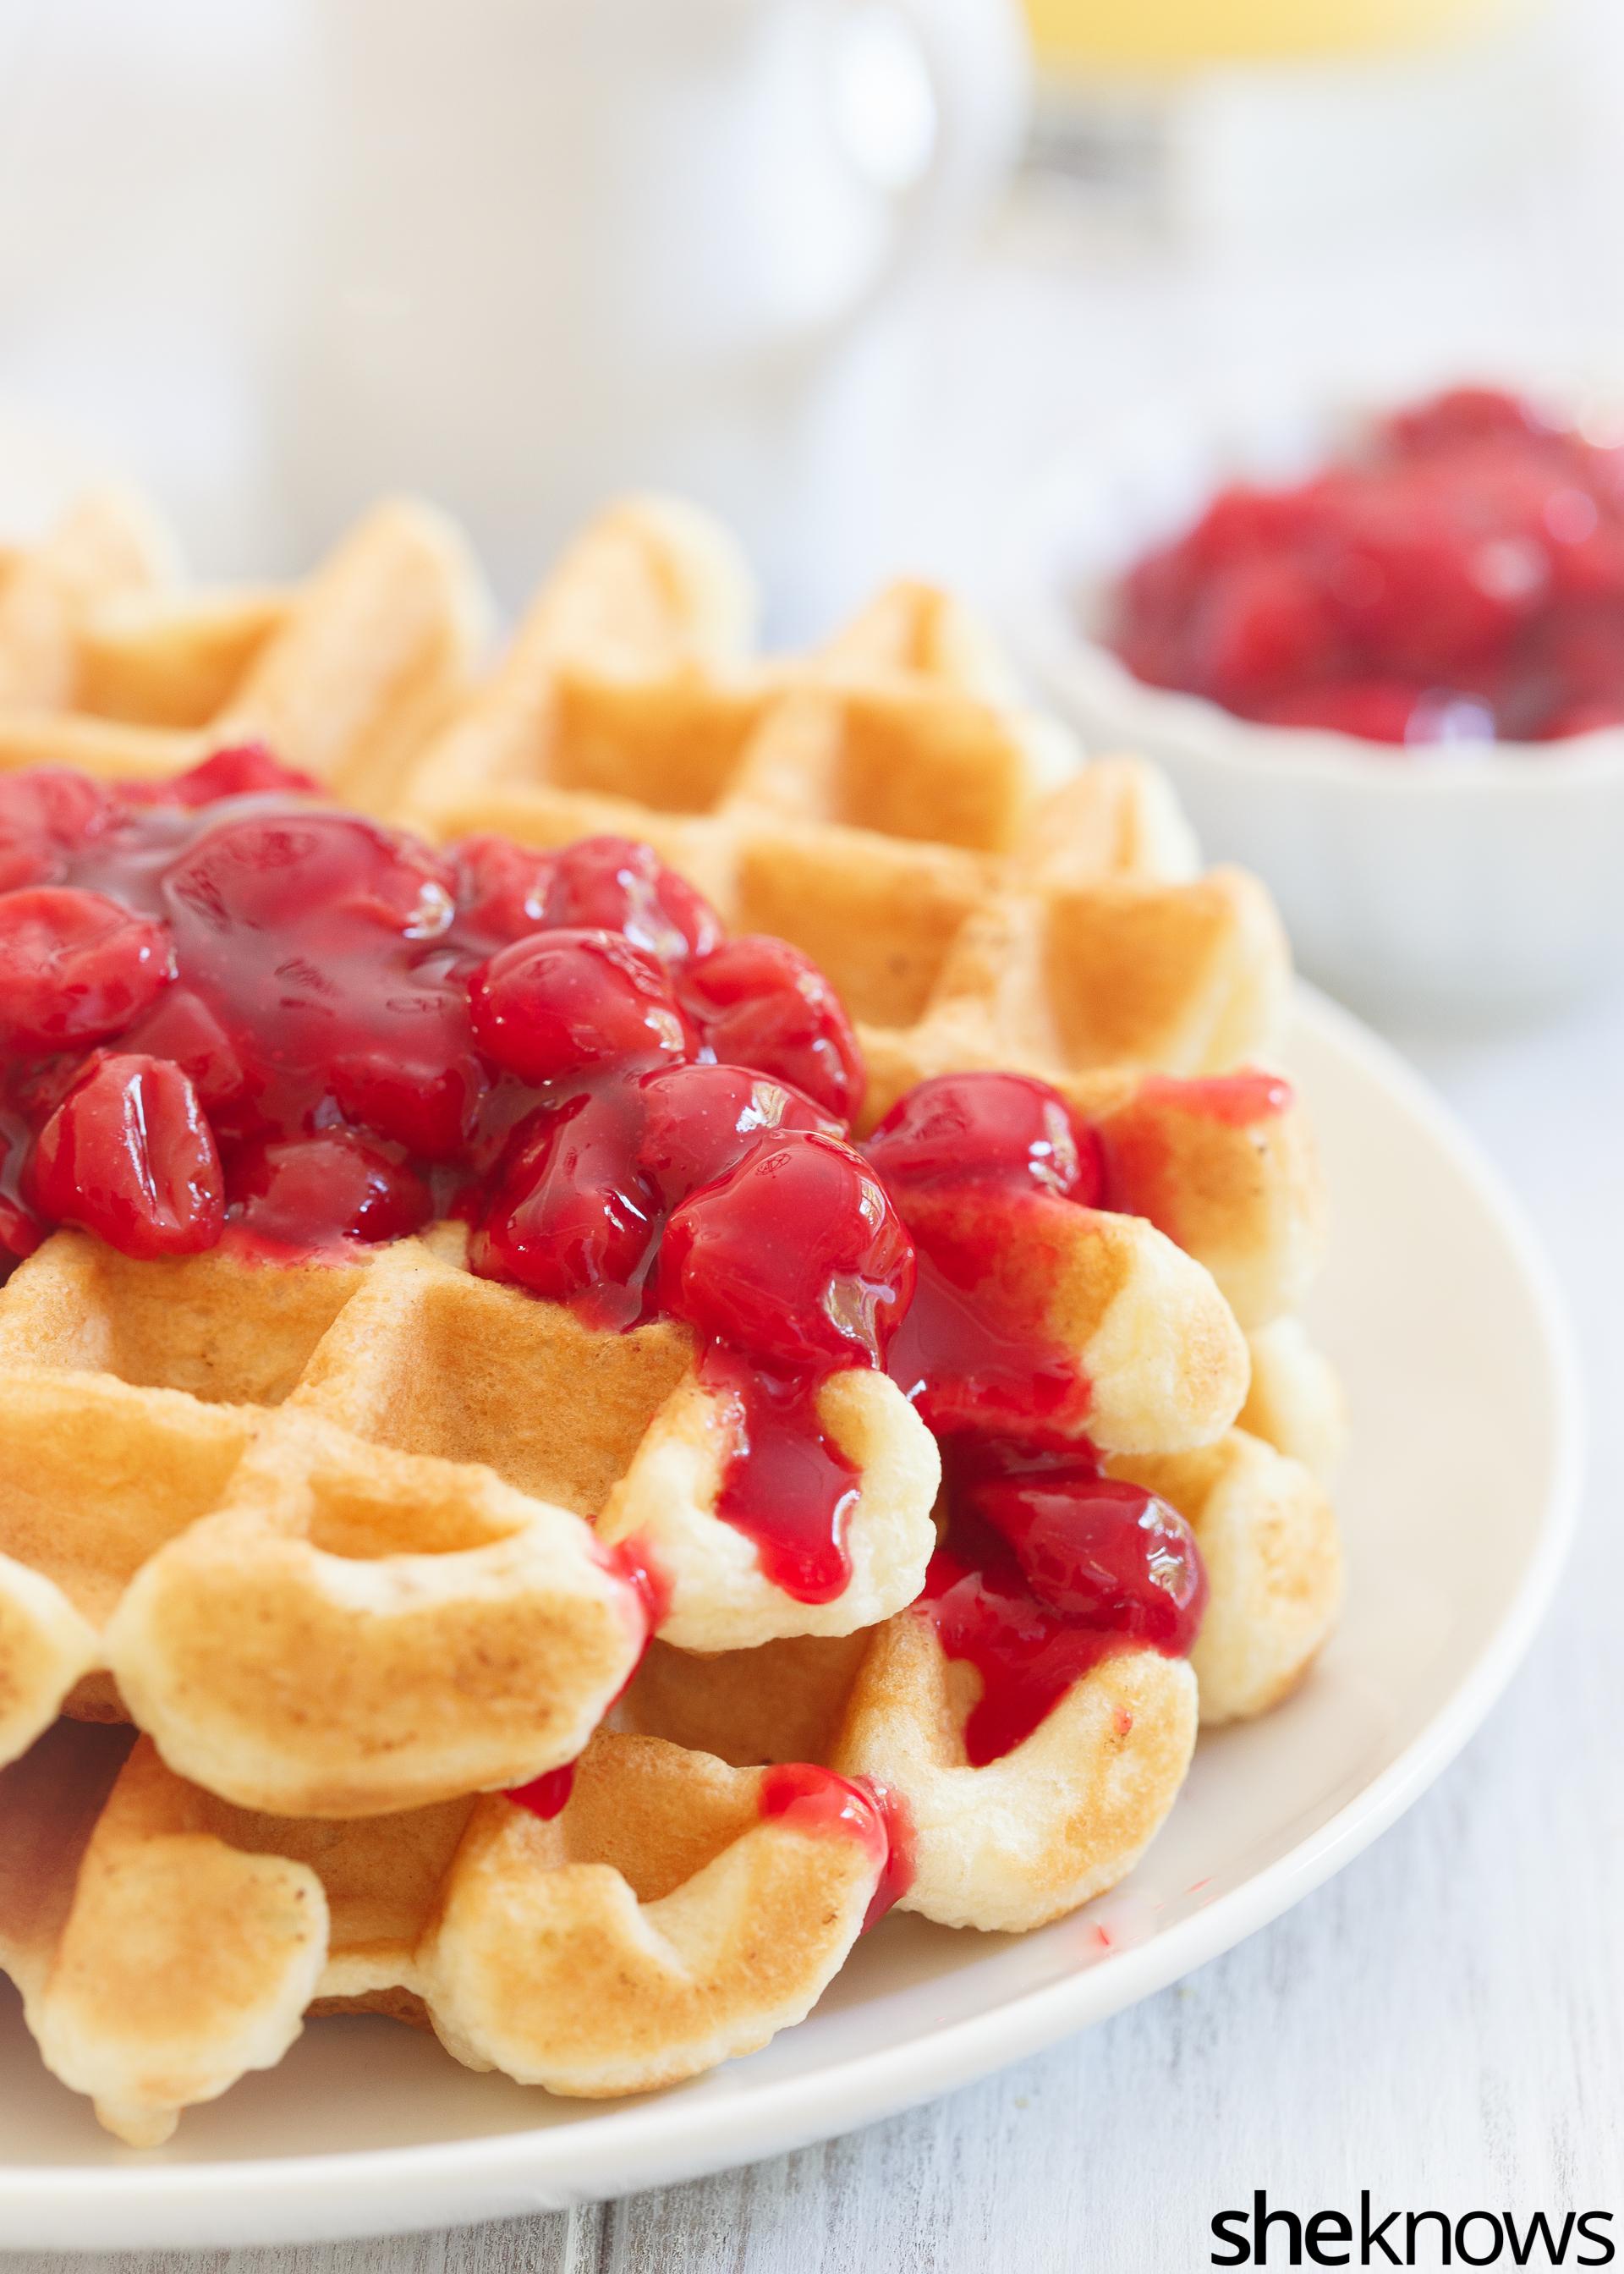 Cherry pie waffles